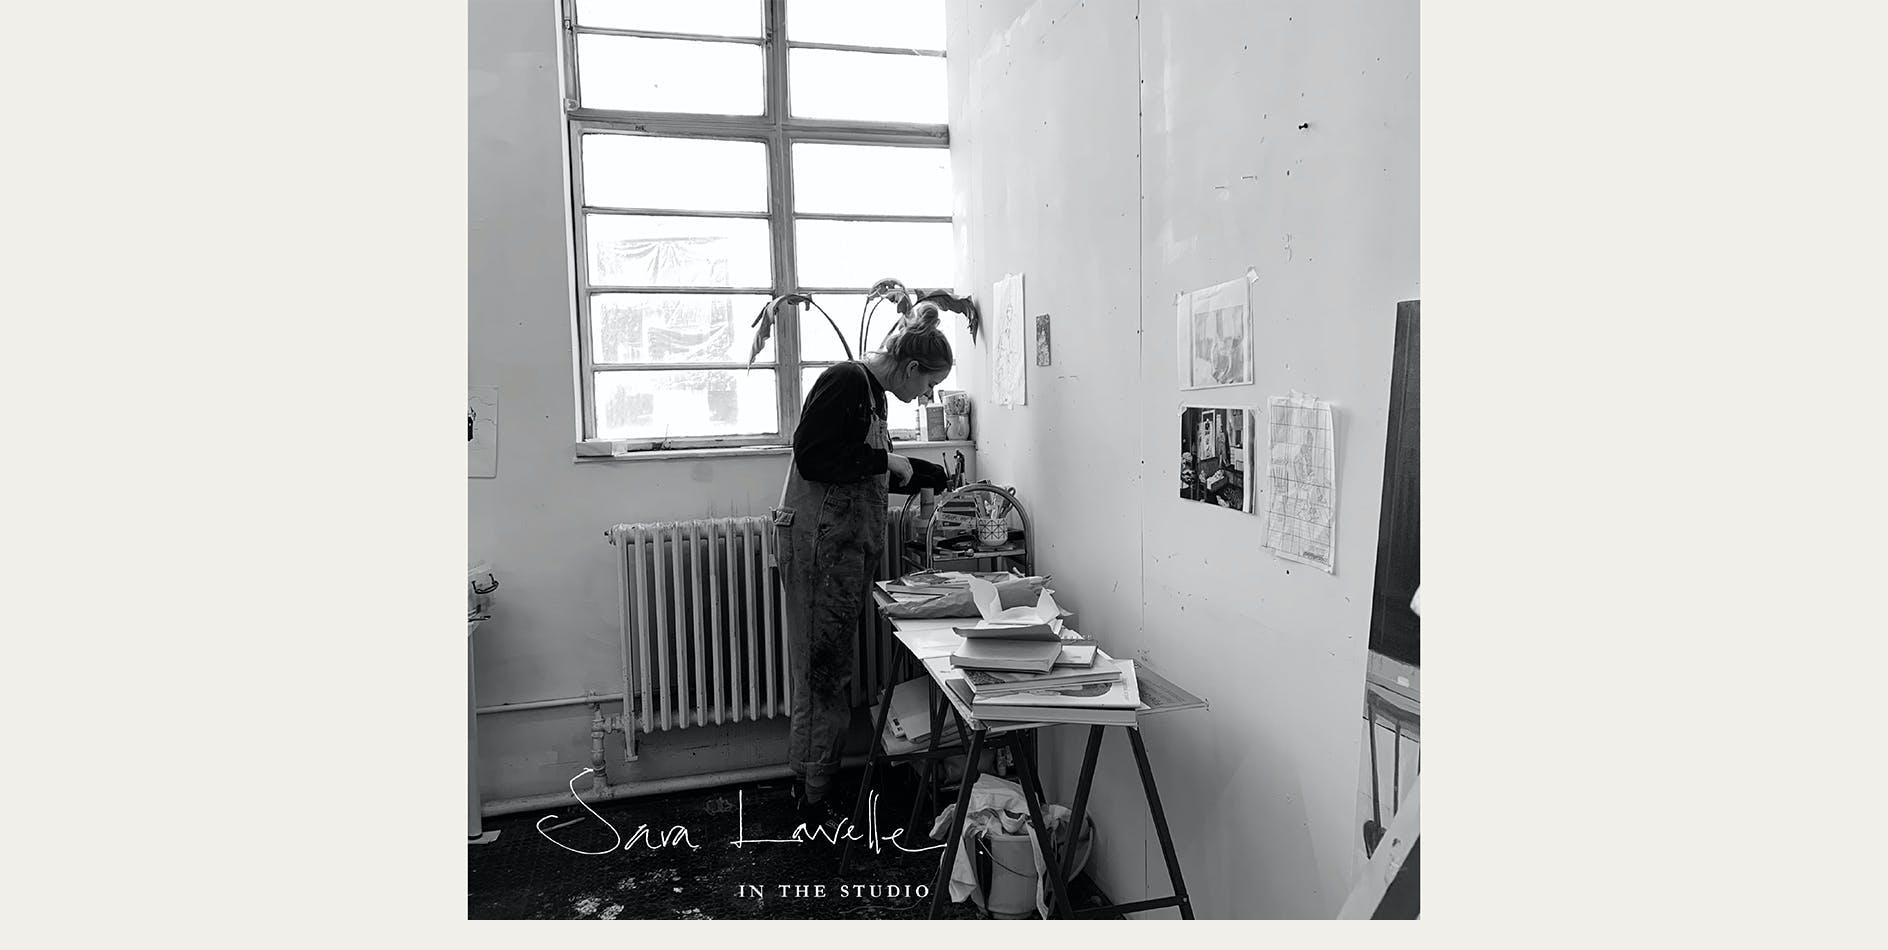 Sara Lavelle